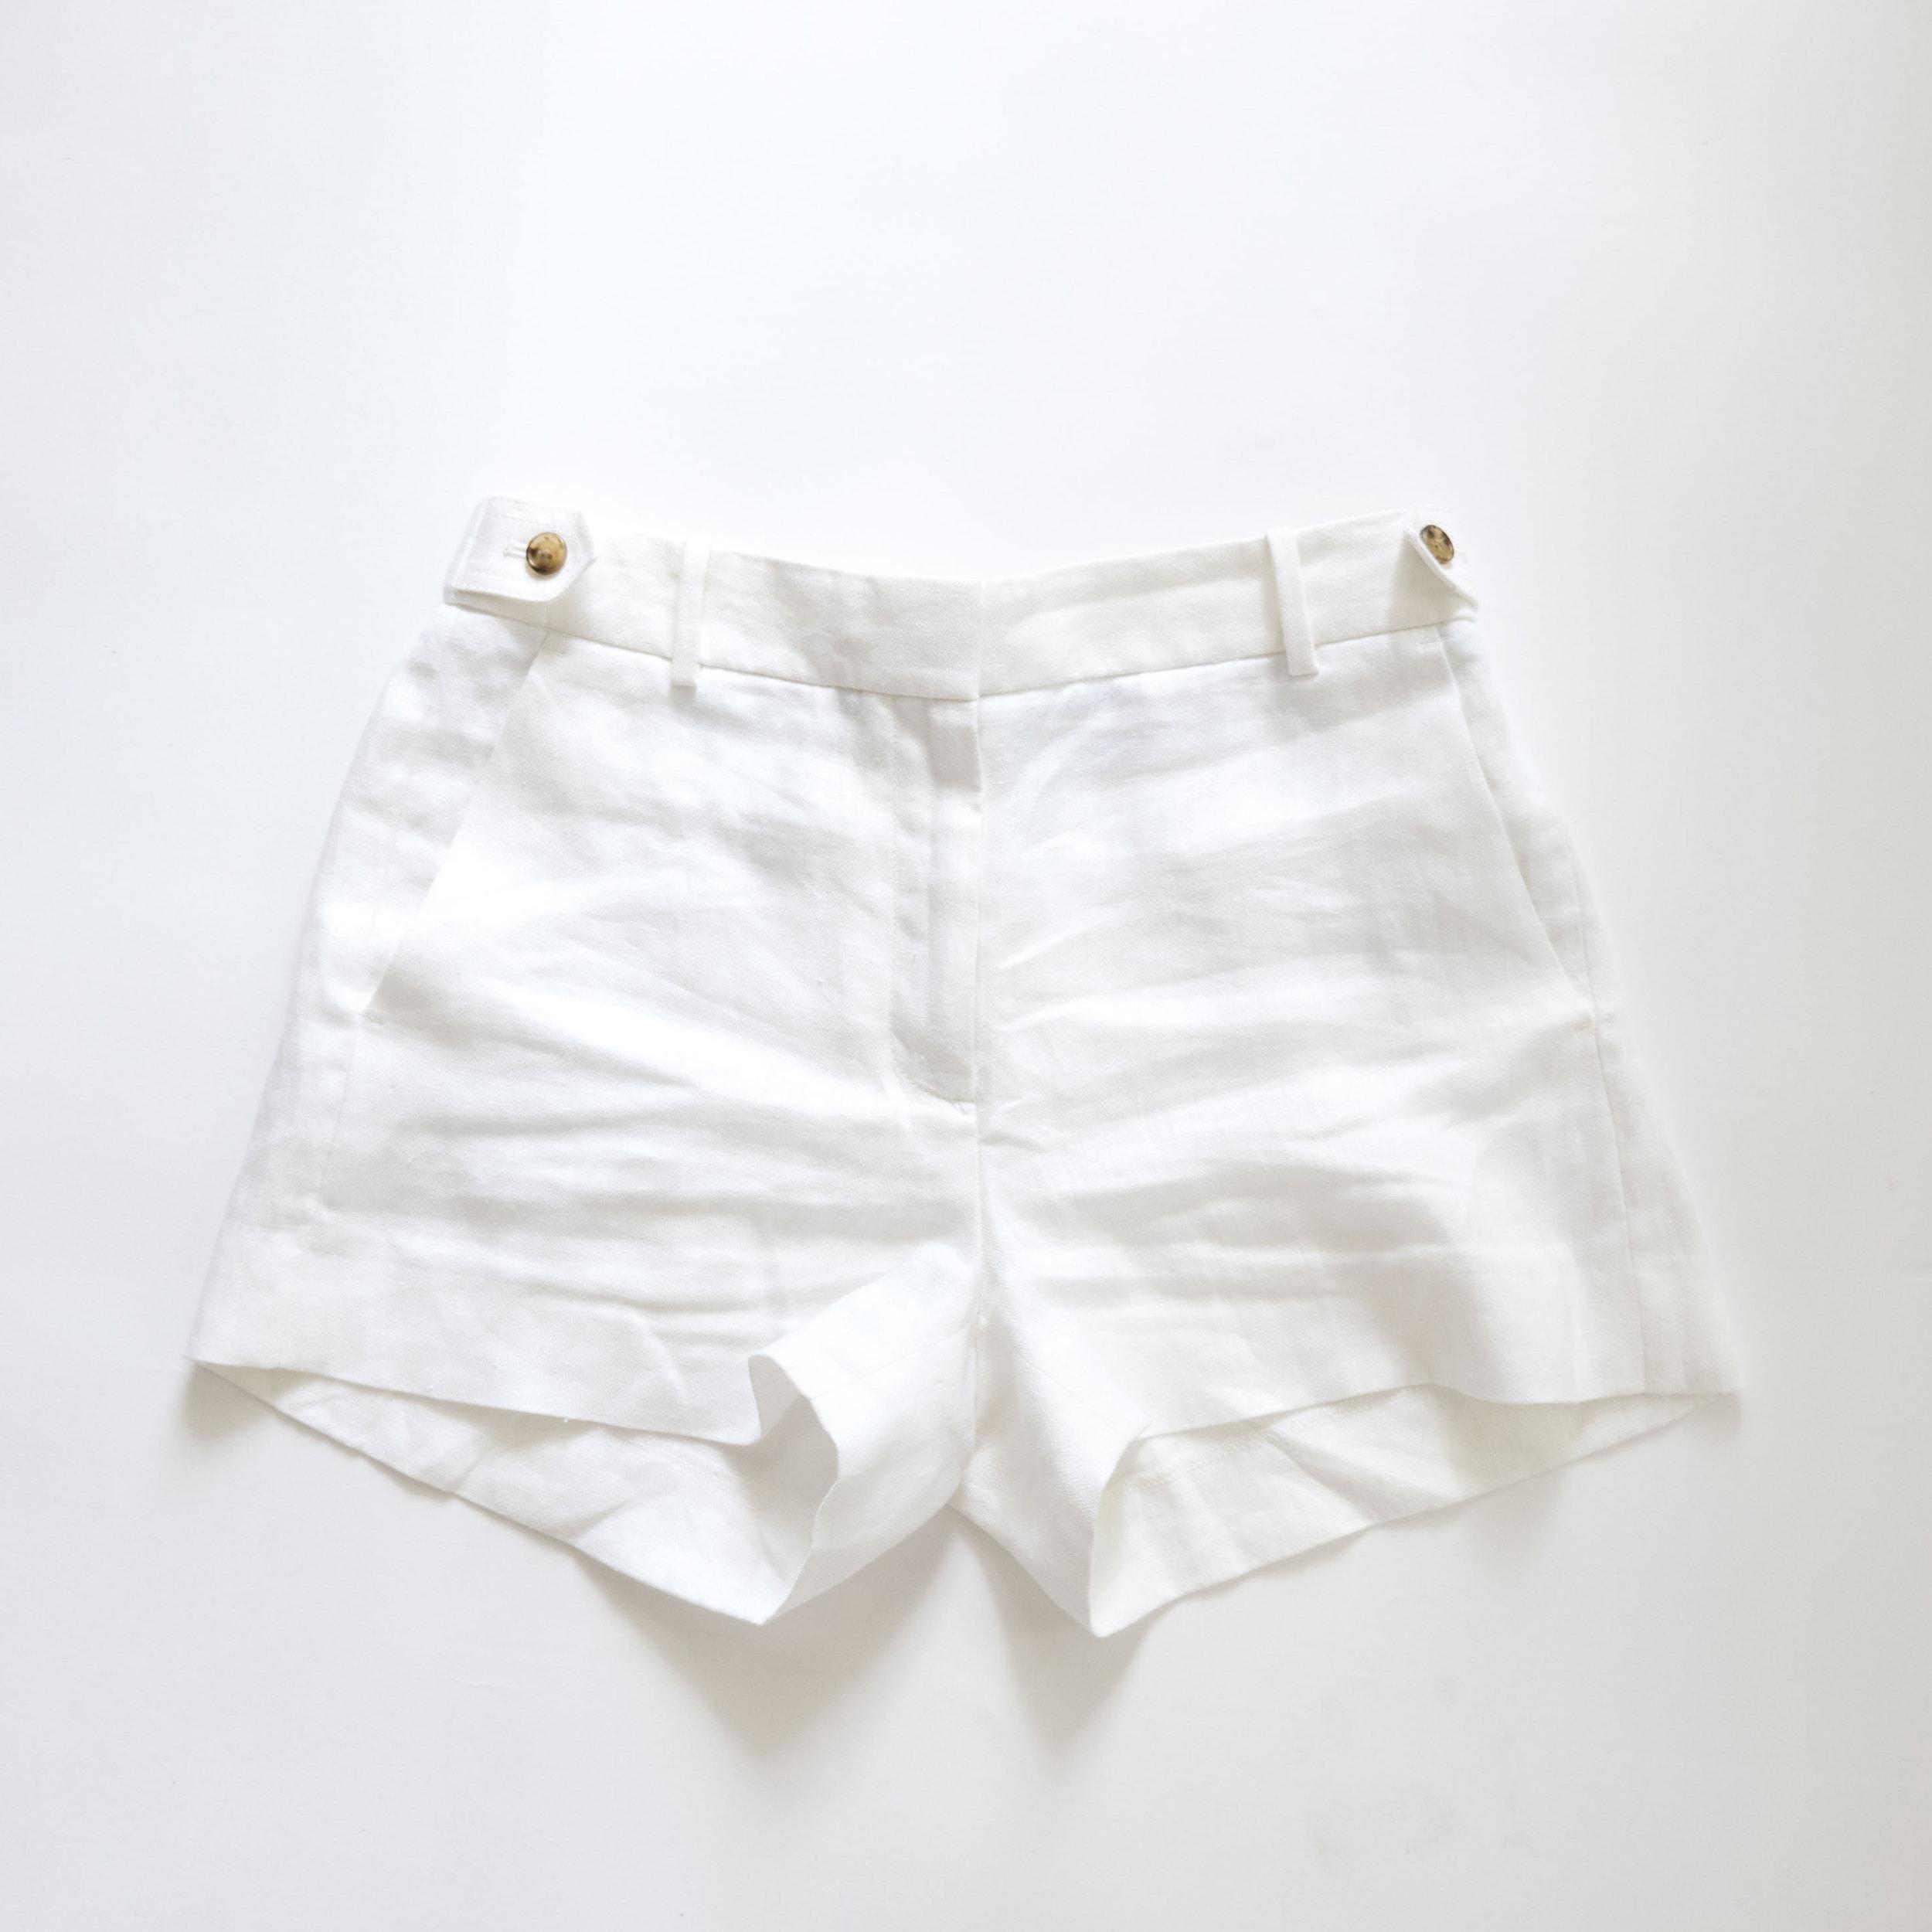 jcrew-white-linen-shorts.jpg